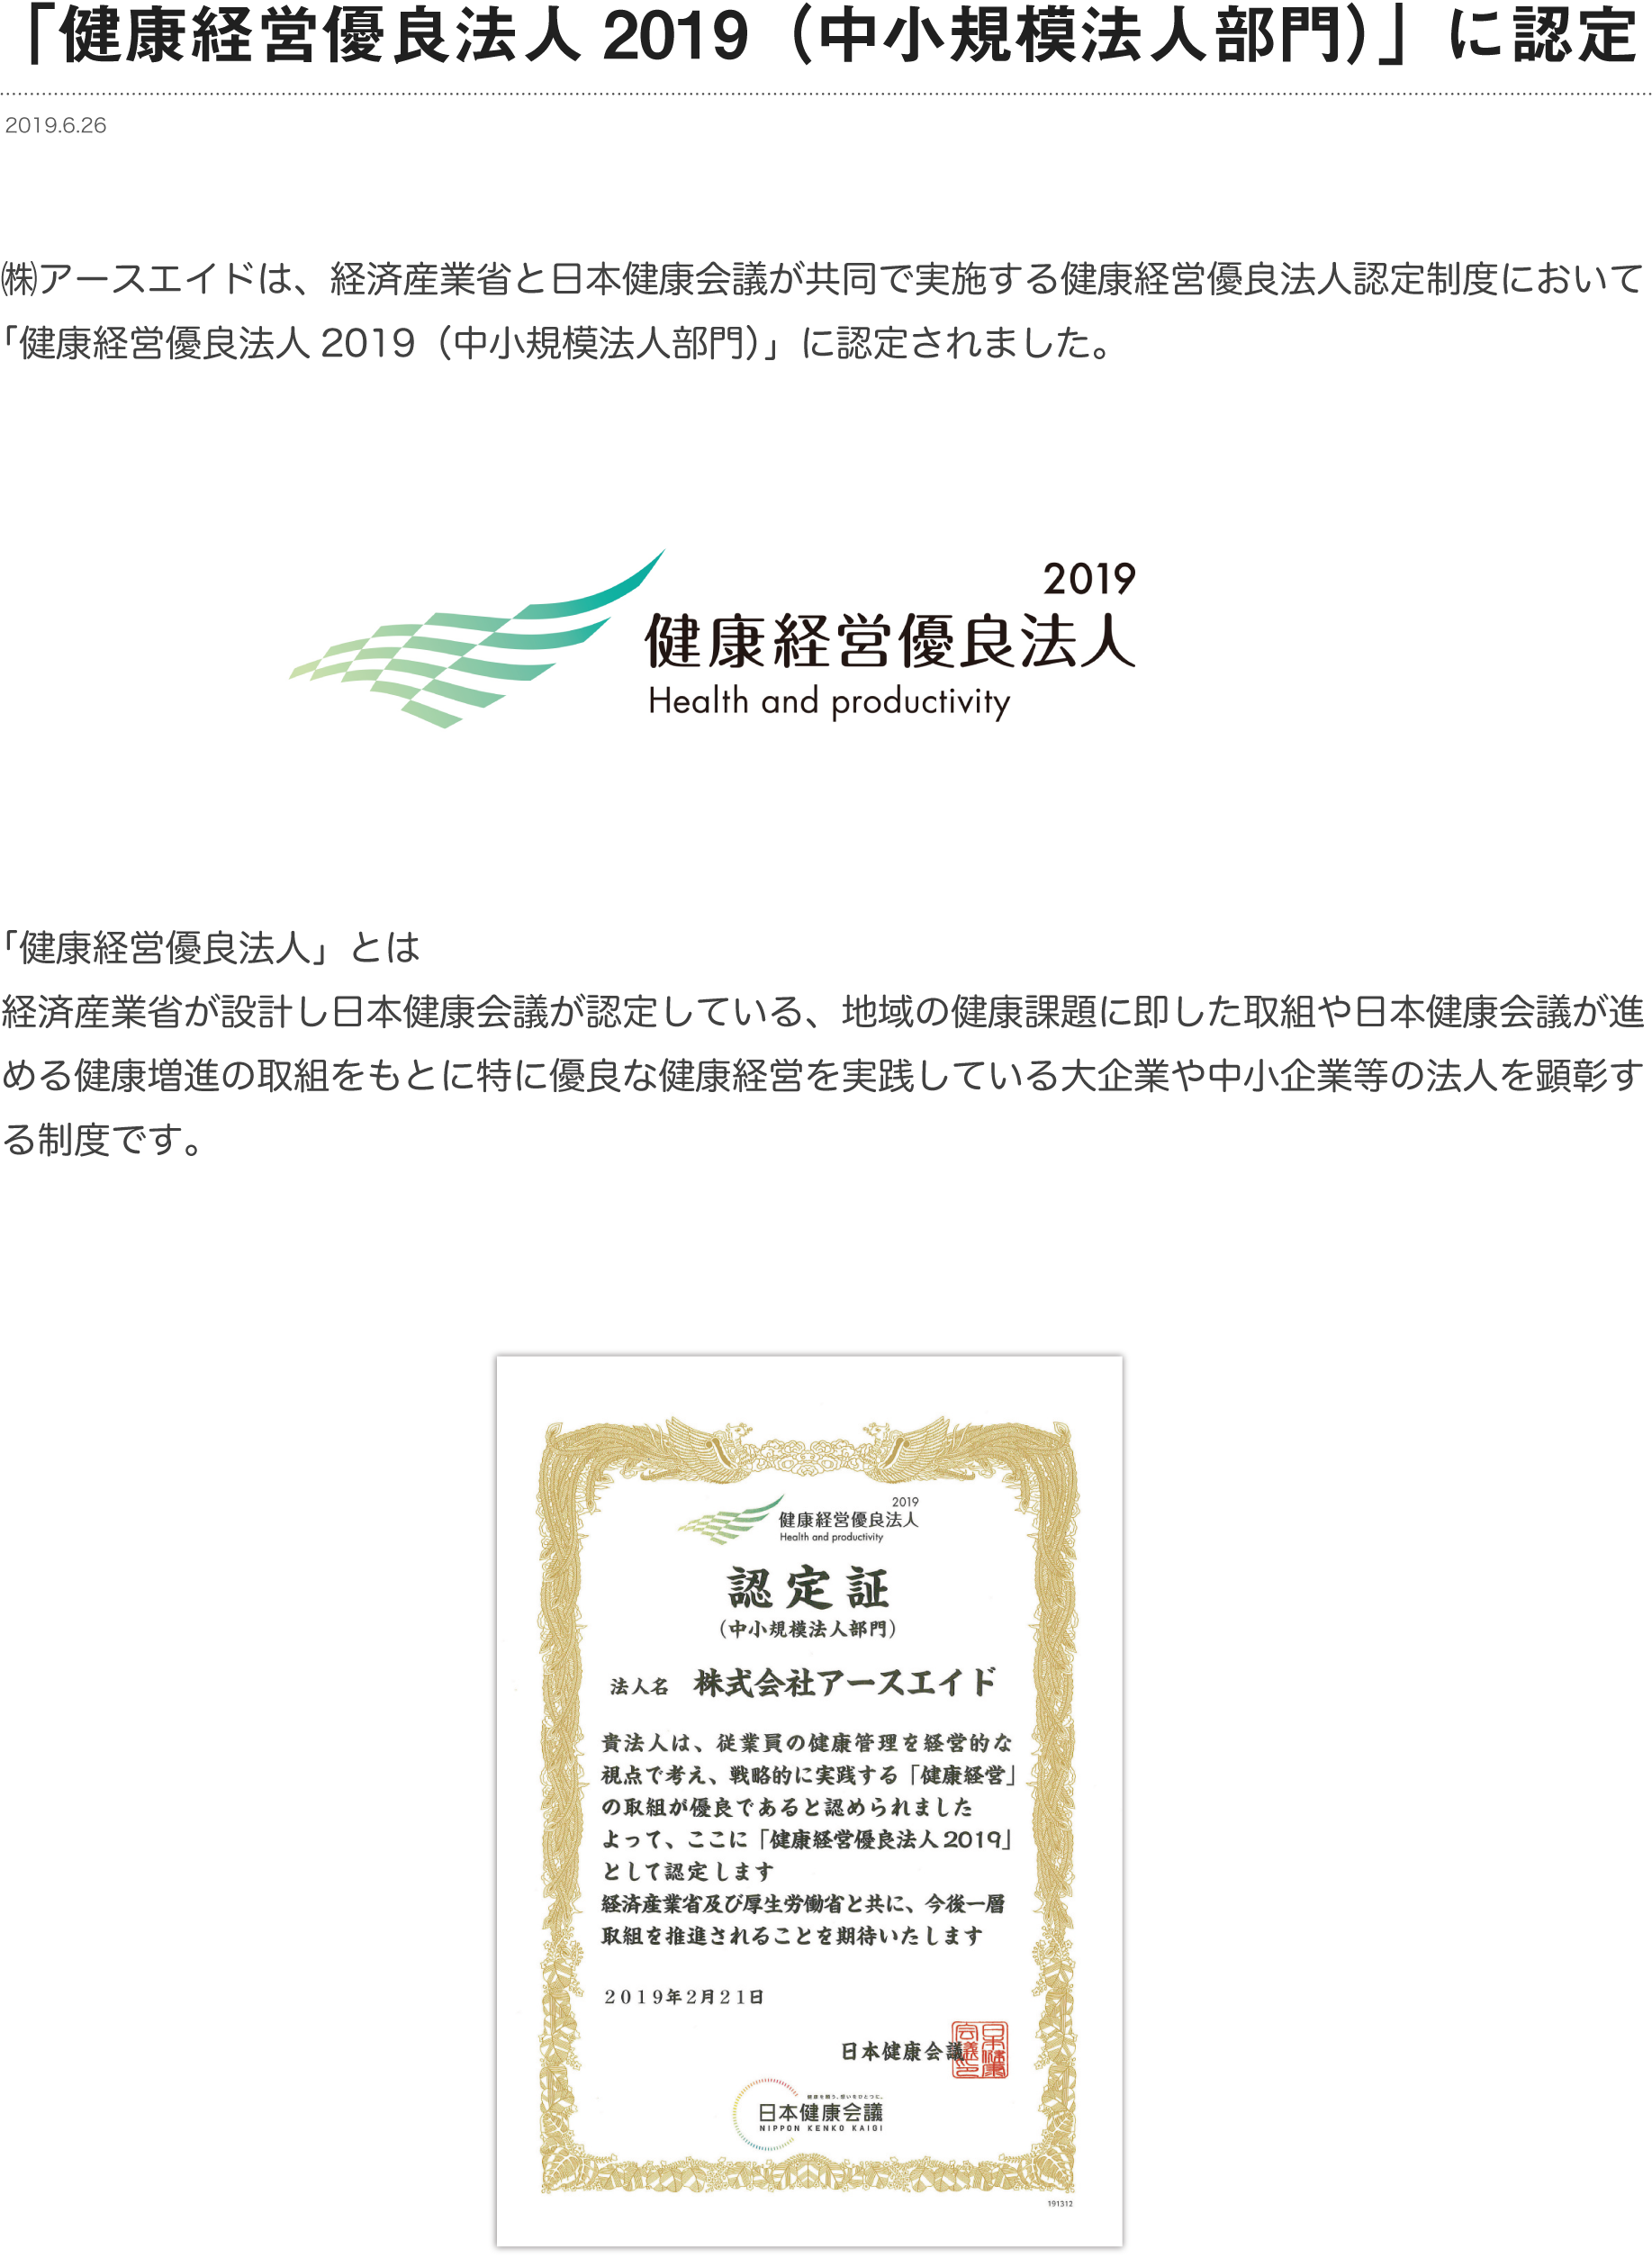 ㈱アースエイドは、経済産業省と日本健康会議が共同で実施する健康経営優良法人認定制度において「健康経営優良法人2019(中小規模法人部門)」に認定されました。「健康経営優良法人」とは経済産業省が設計し日本健康会議が認定している、地域の健康課題に即した取組や日本健康会議が進める健康増進の取組をもとに特に優良な健康経営を実践している大企業や中小企業等の法人を顕彰する制度です。